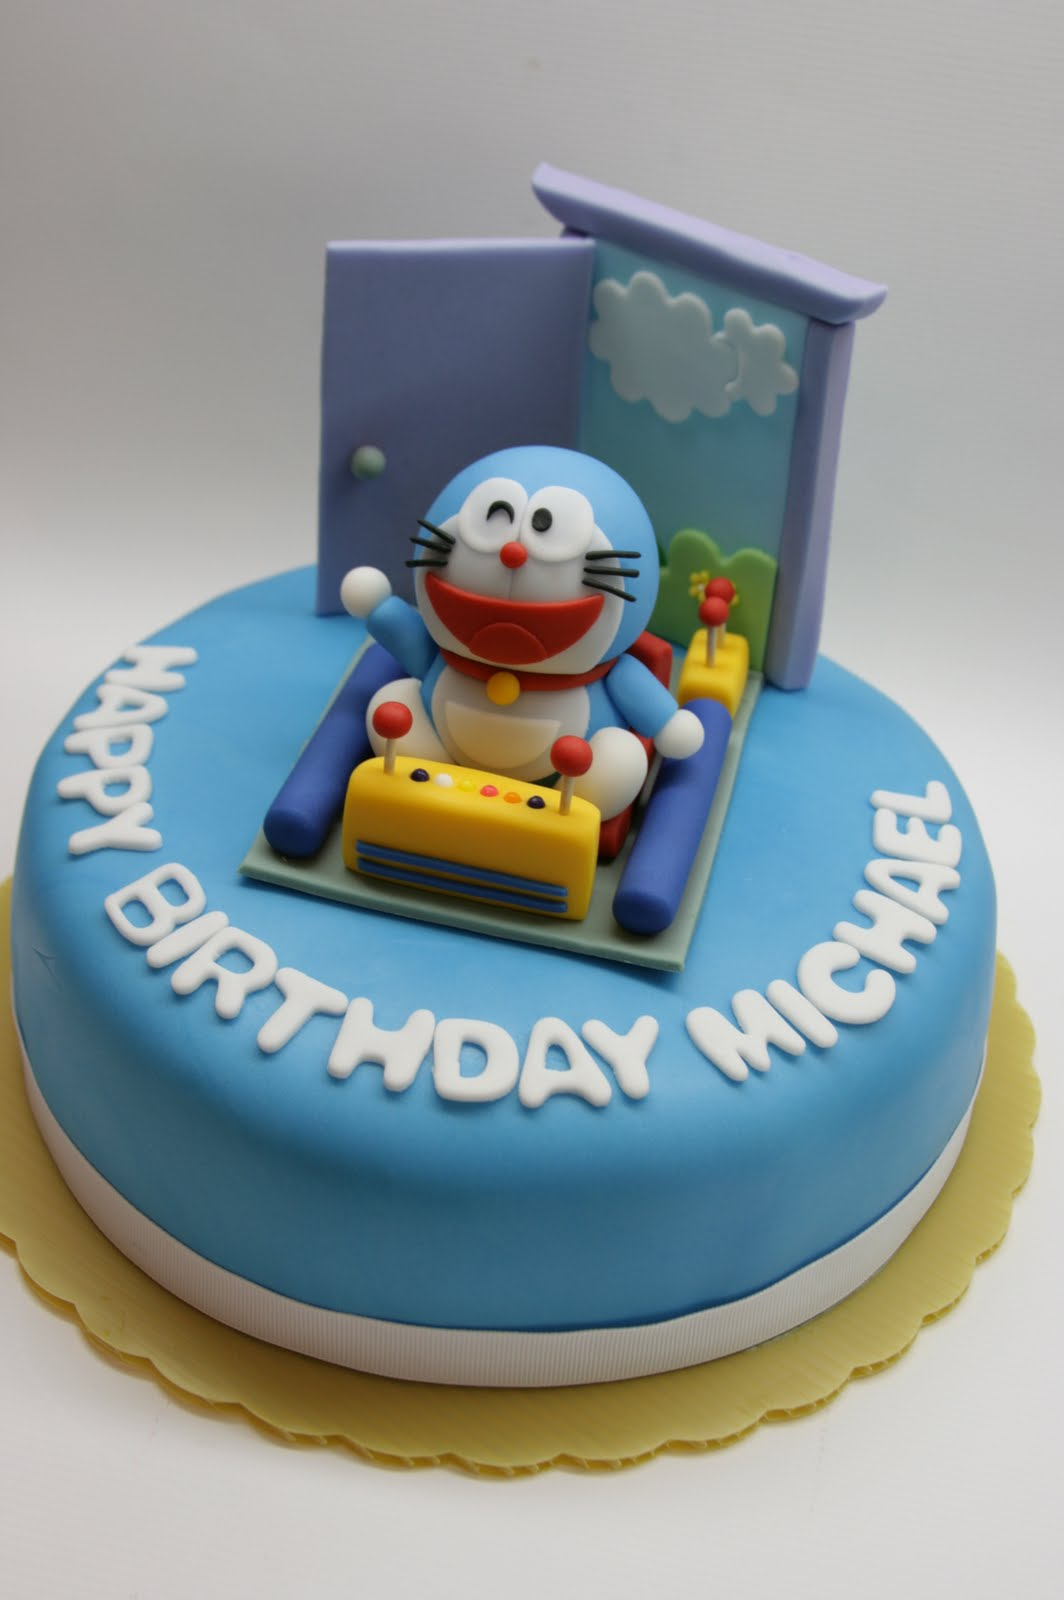 Doraemon Images For Cake : Beautiful Kitchen: Doraemon Inspired Cake Topper